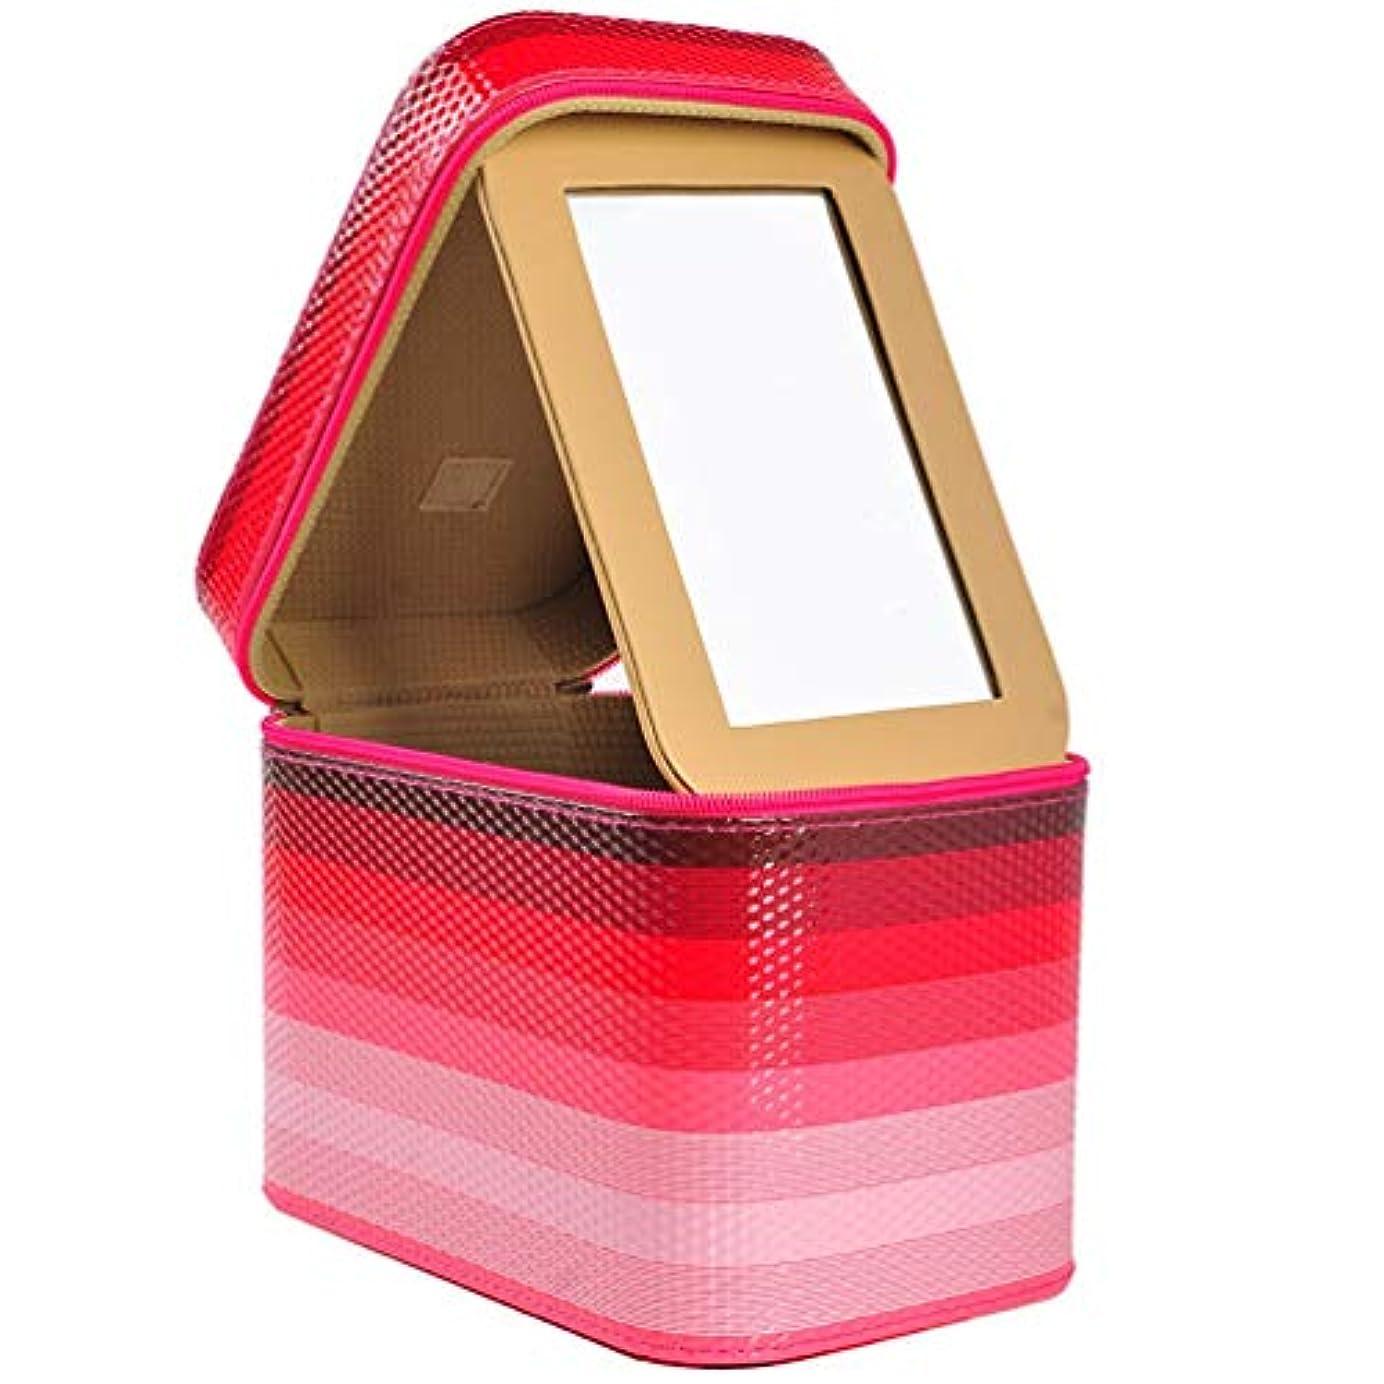 意気消沈したストレス隣人[カタク]メイクボックス コスメボックス 大容量 鏡付き 化粧ボックス おしゃれ 取っ手付 携帯便利 化粧道具 メイクブラシ 小物 出張 旅行 機能的 PUレザー プロ仕様 きらきら 化粧ポーチ コスメBOX